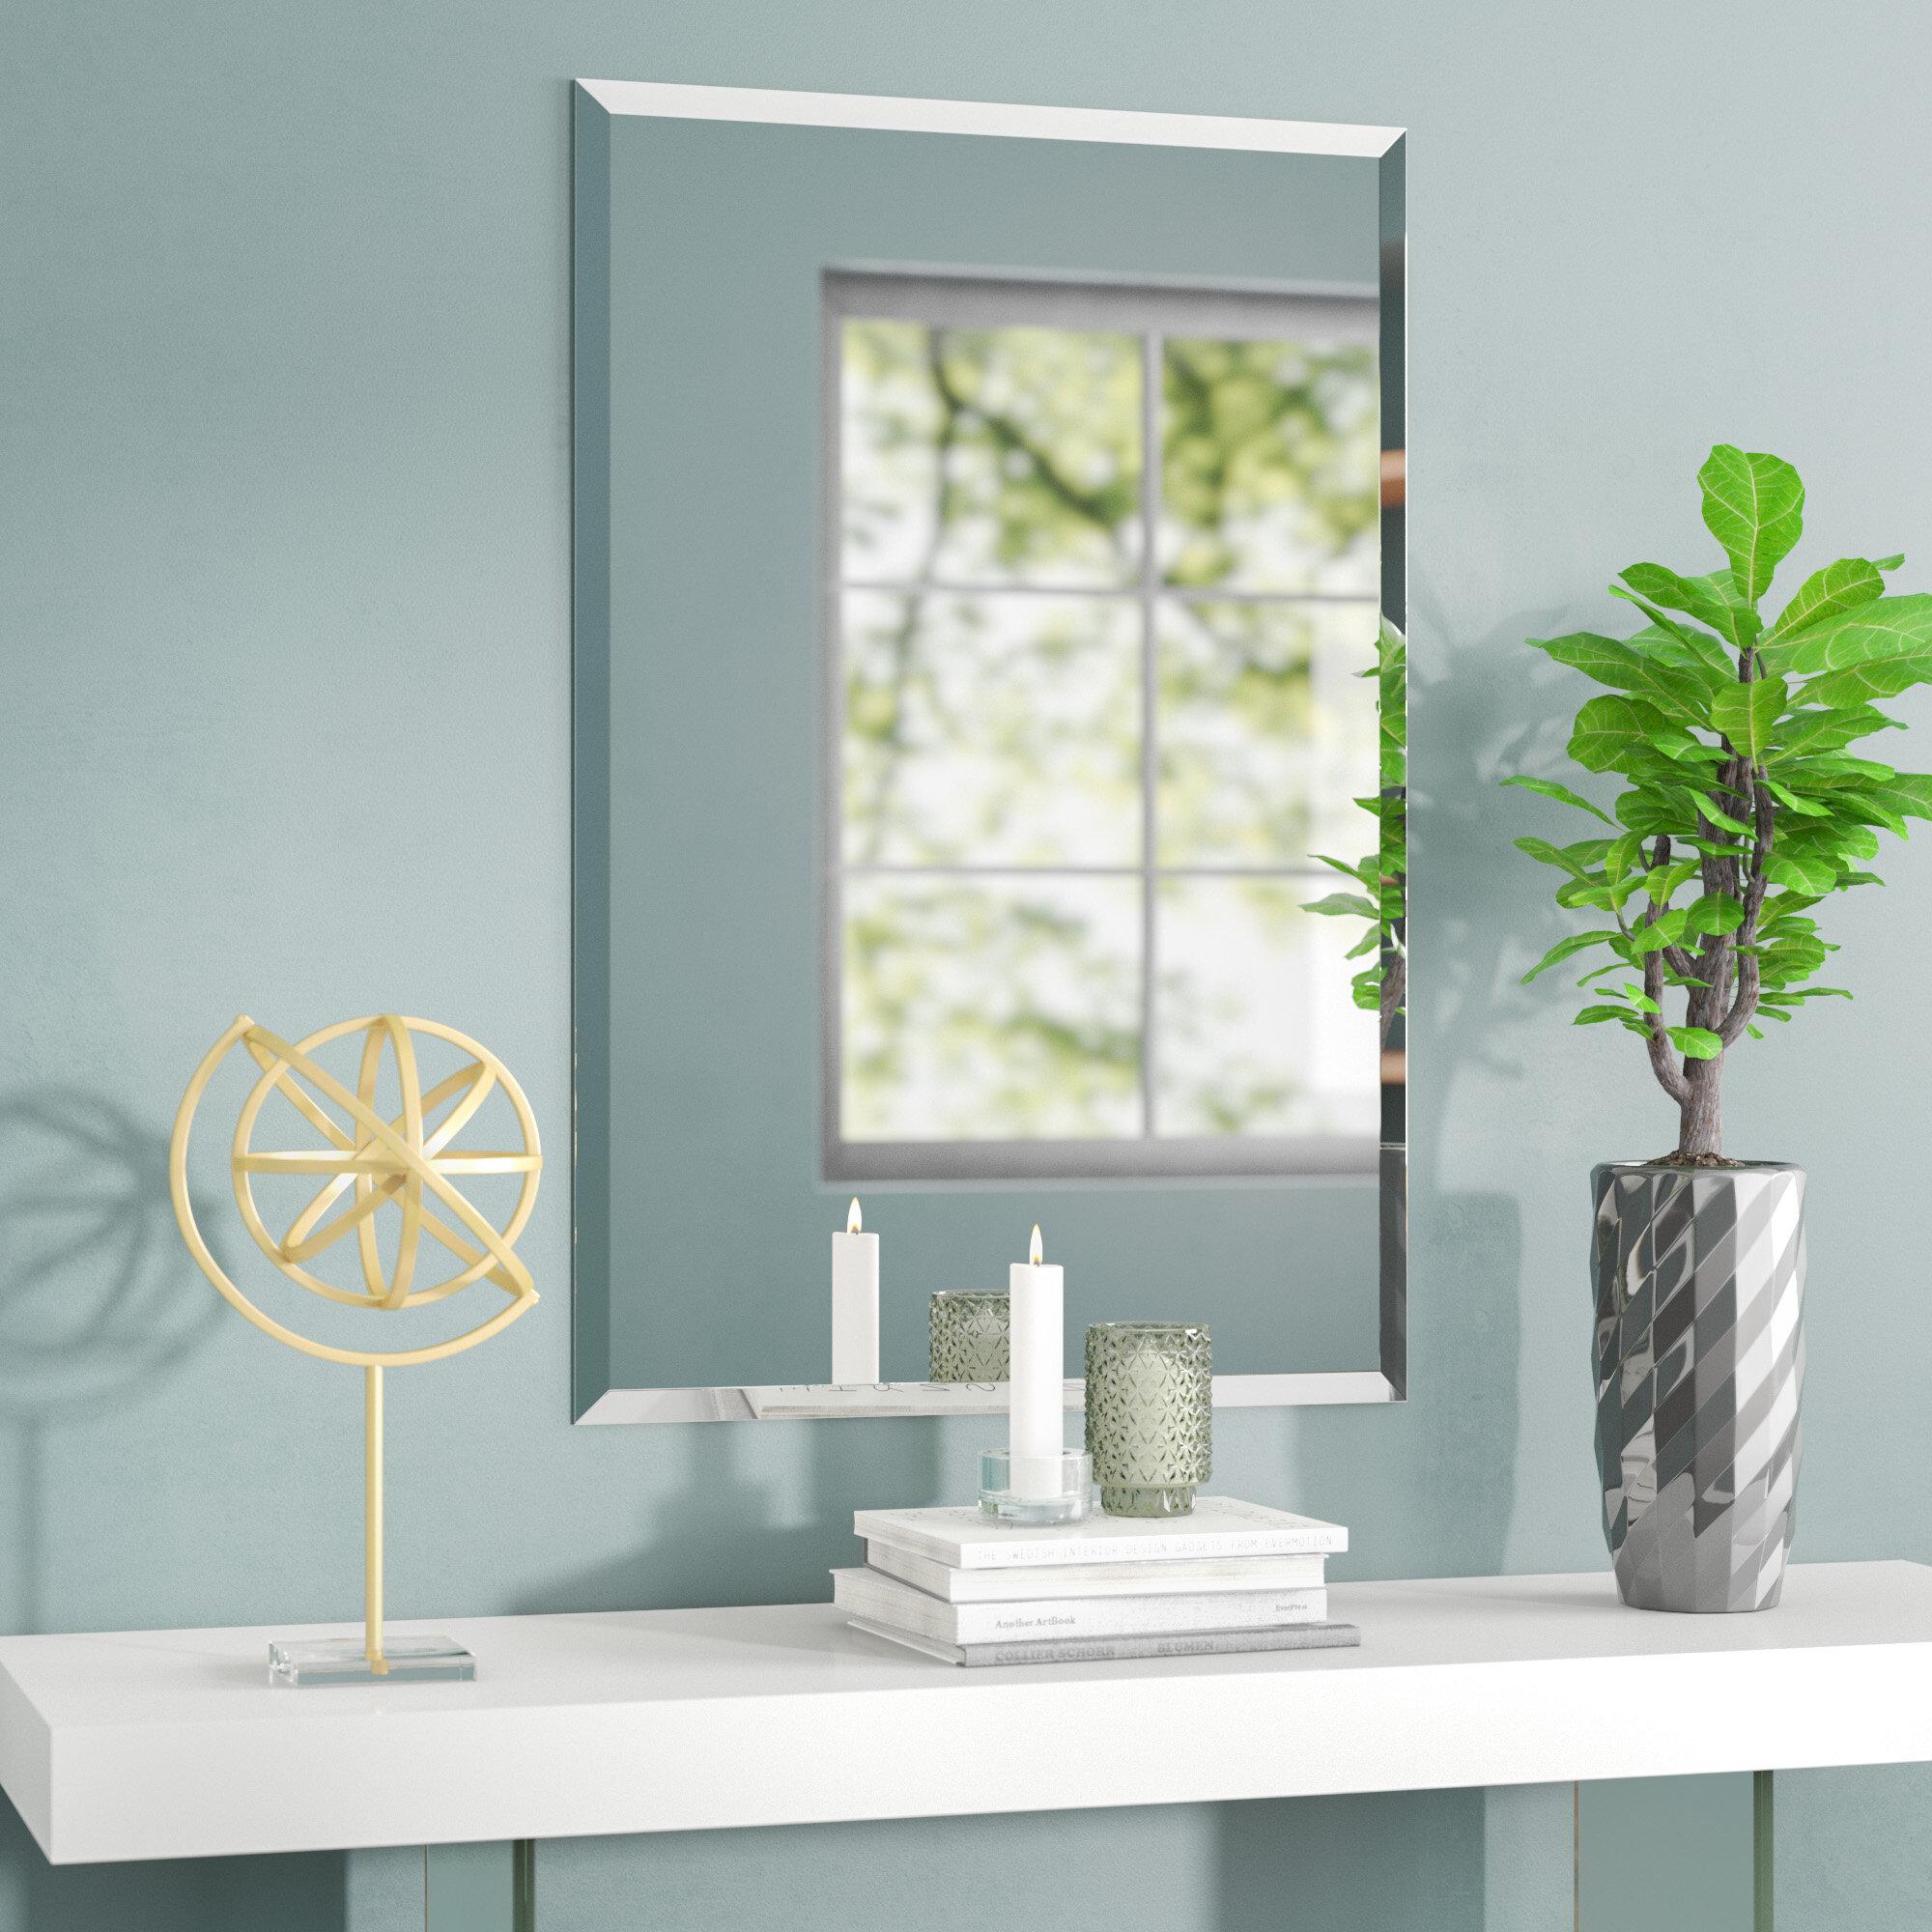 Orren ellis provost frameless rectangle wall mirror reviews wayfair